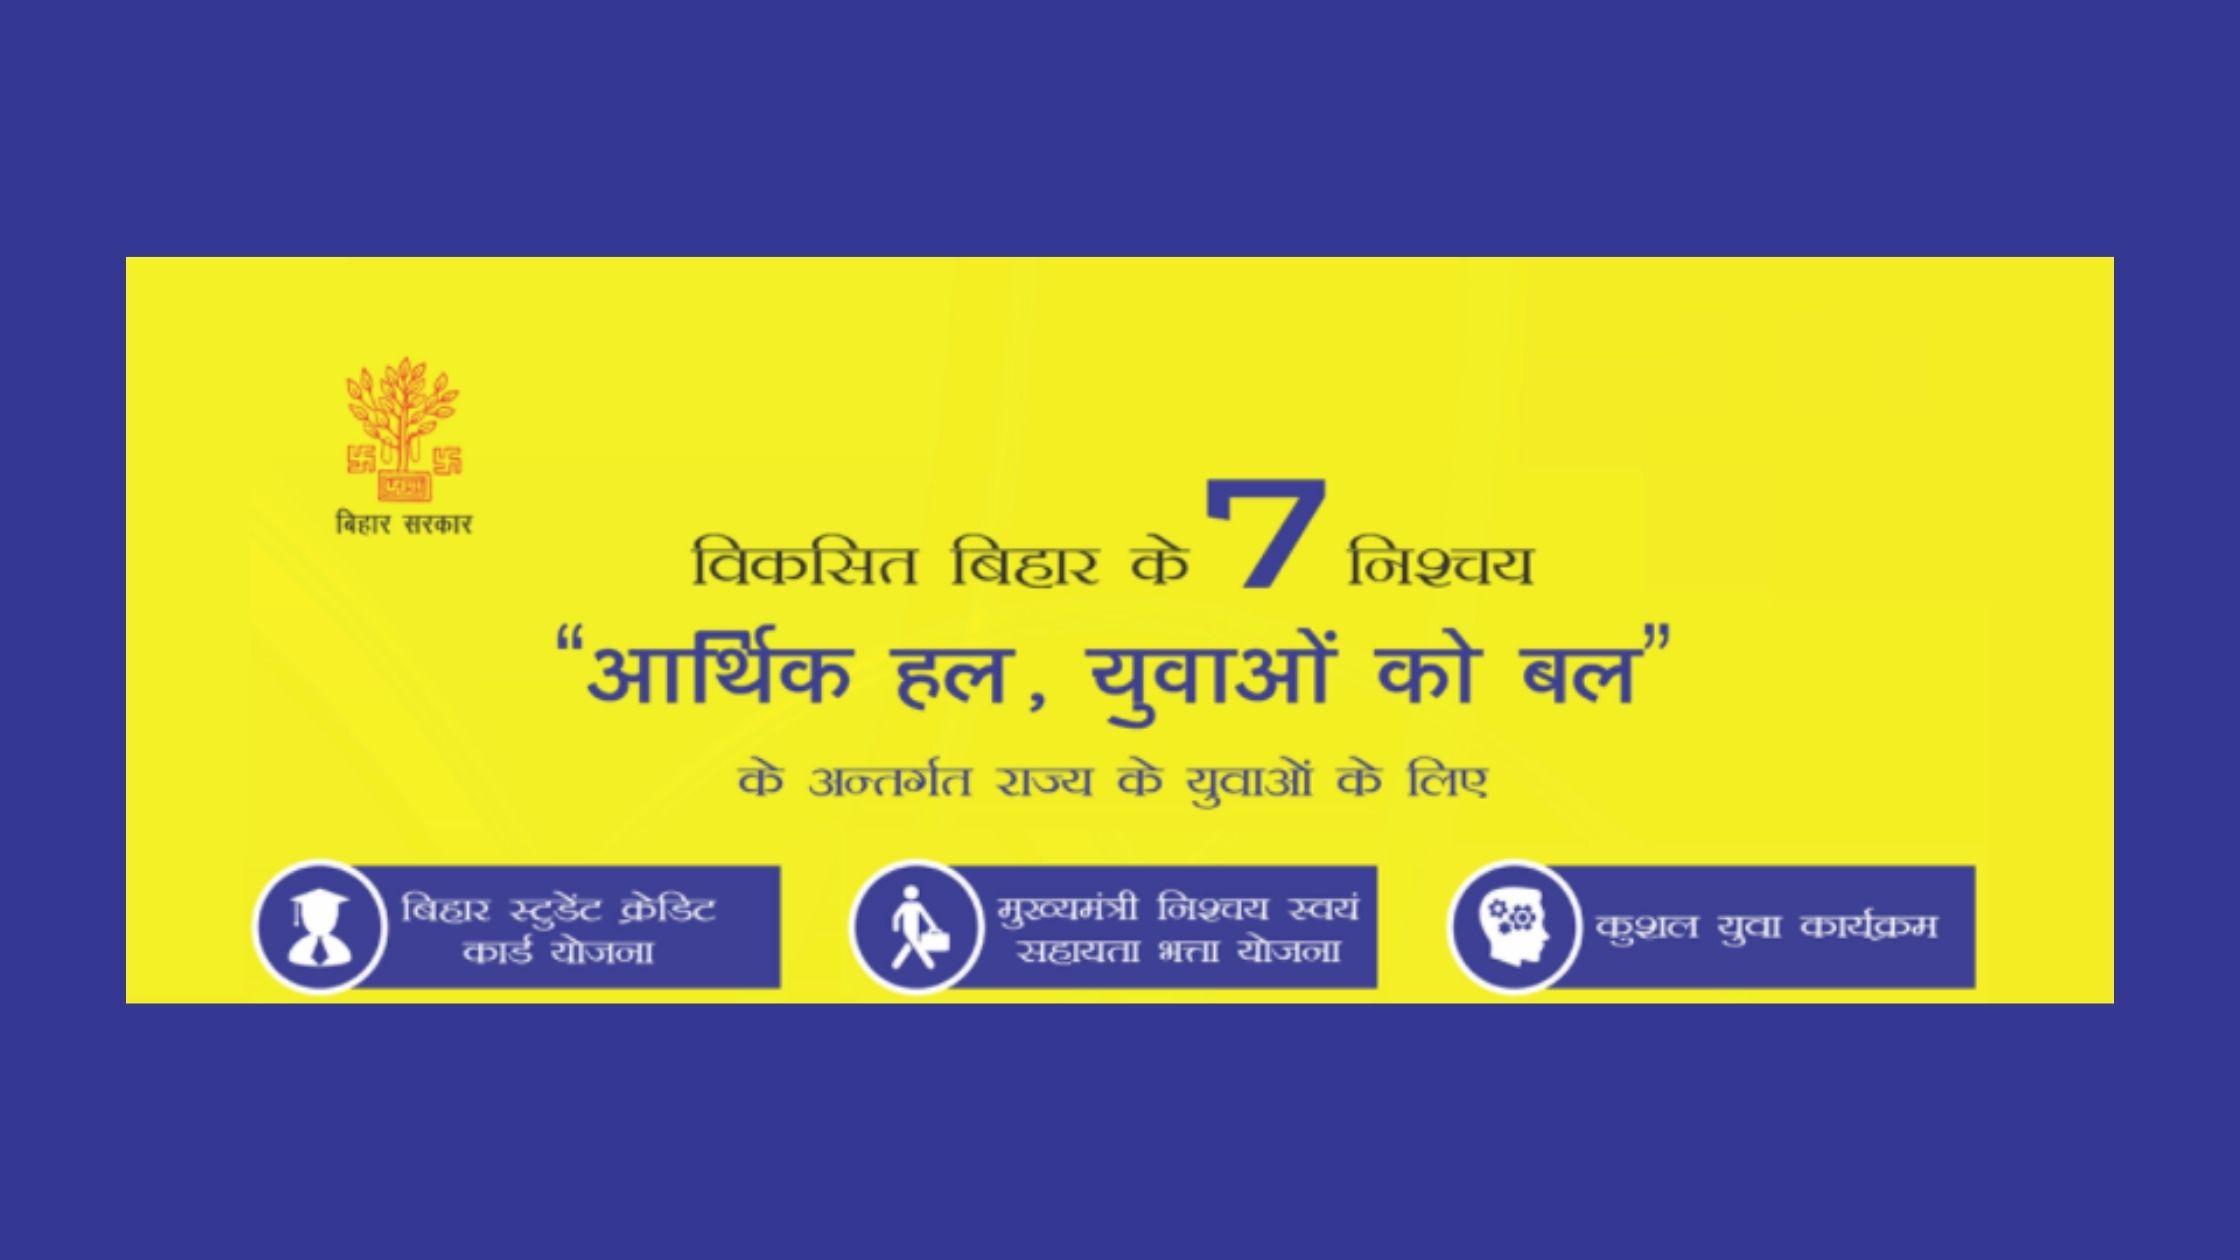 Bihar Unemployment Scheme